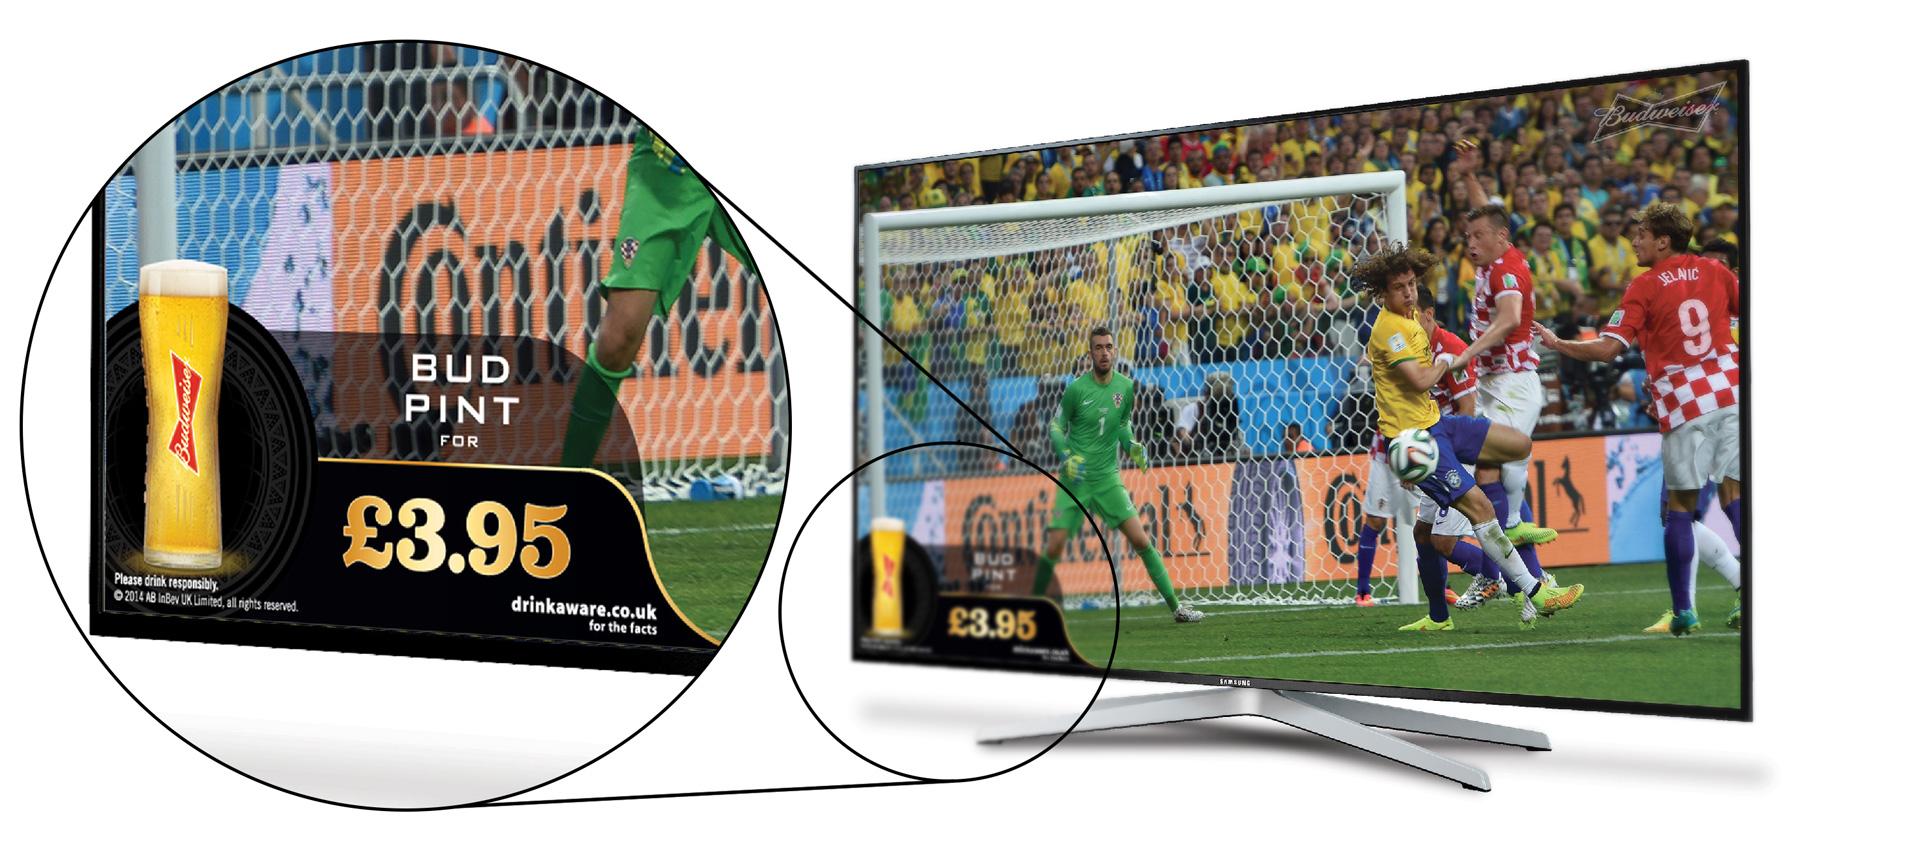 Budweiser - Smart TV (detail)